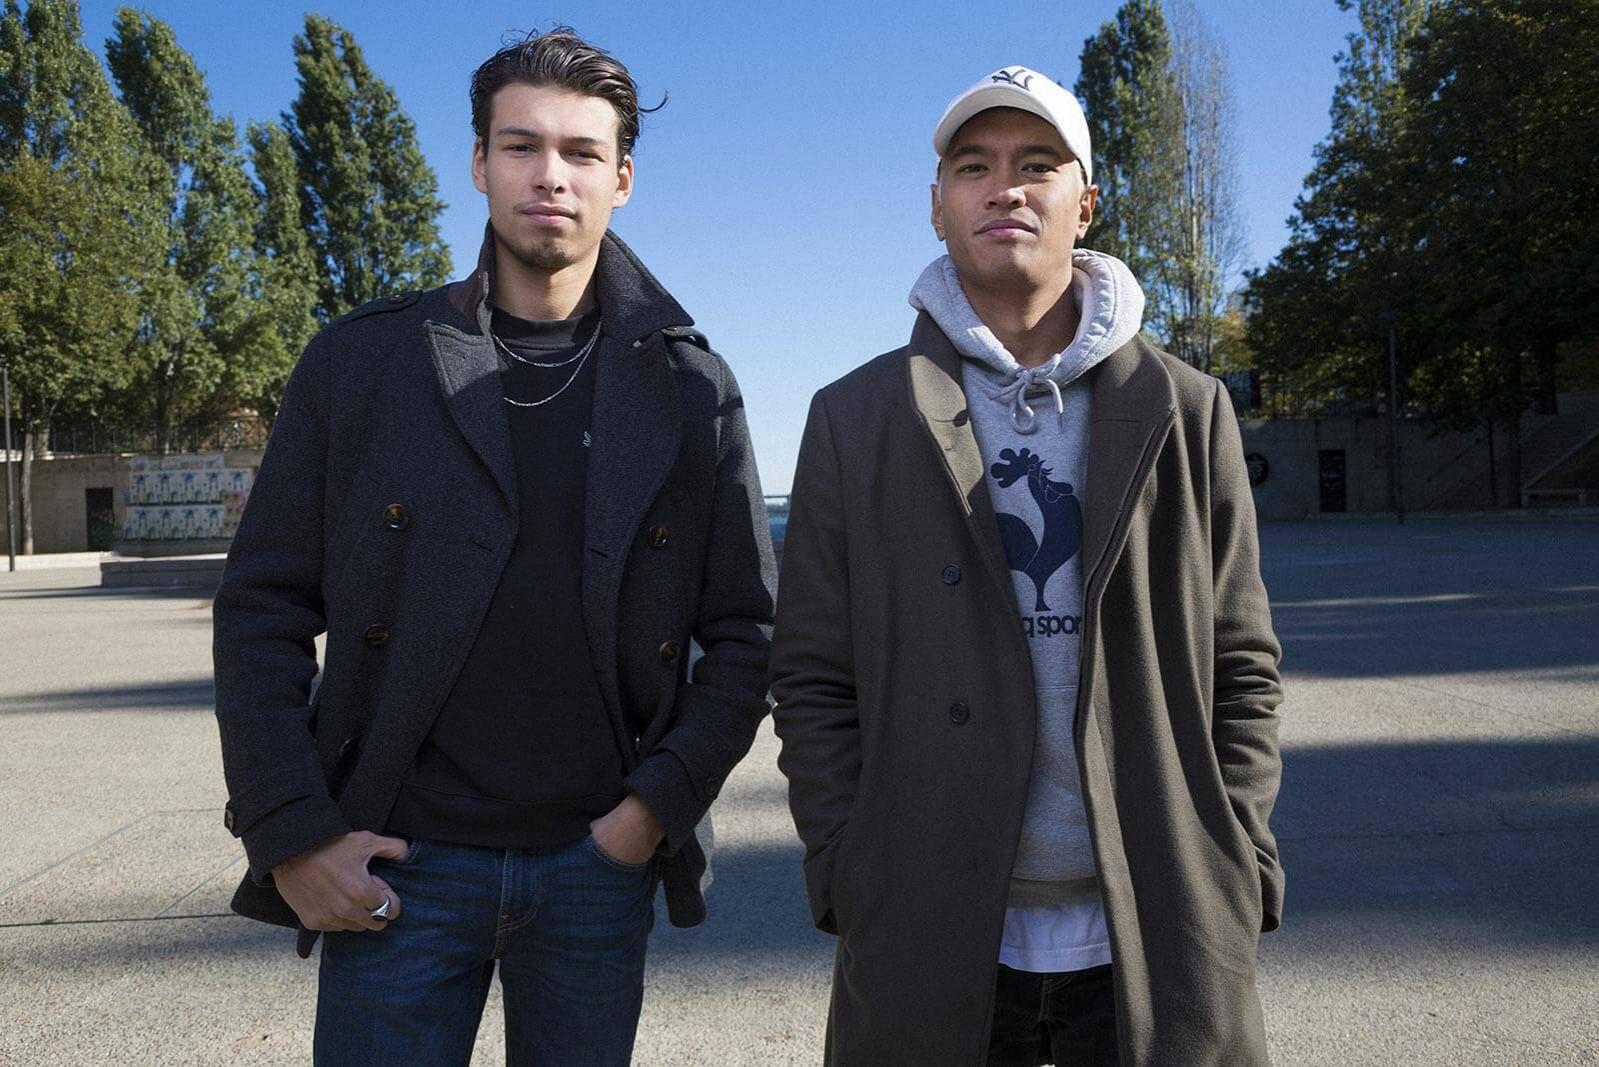 Georgio et Angelo, allianceparfaite